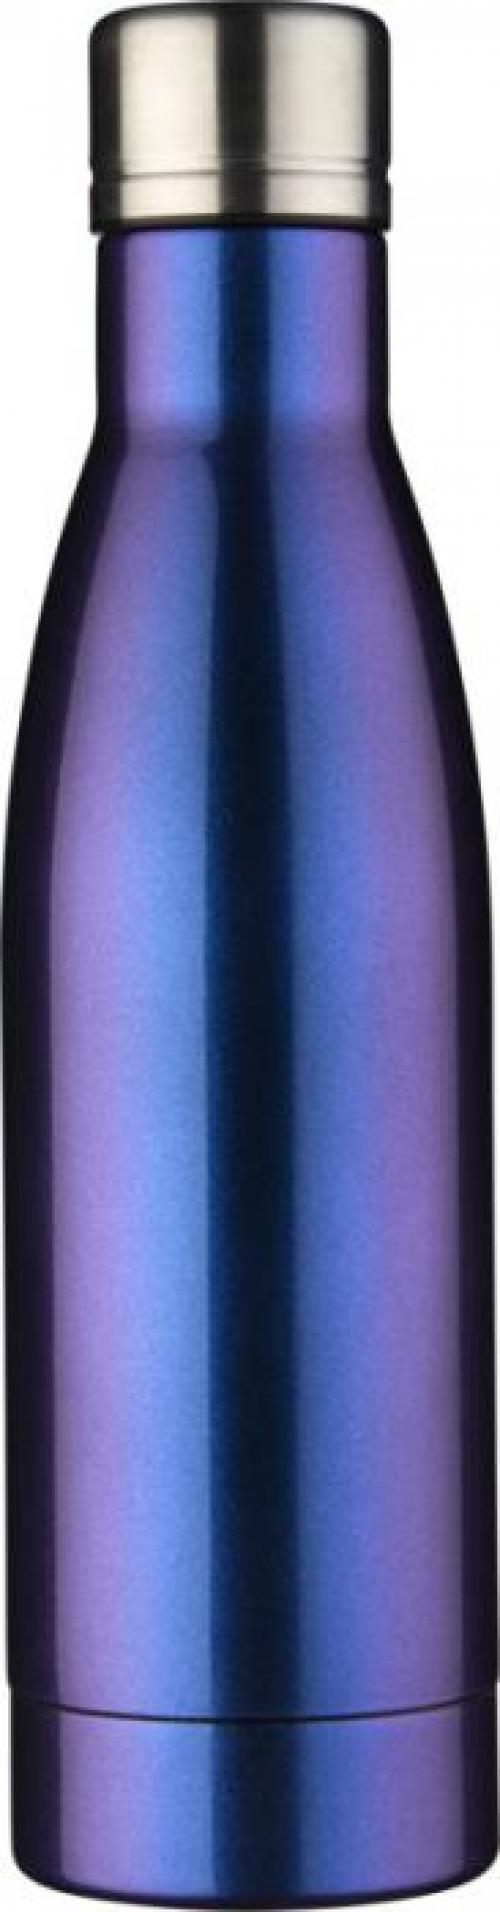 Botella isotérmica con aislamiento de cobre Vasa aurora